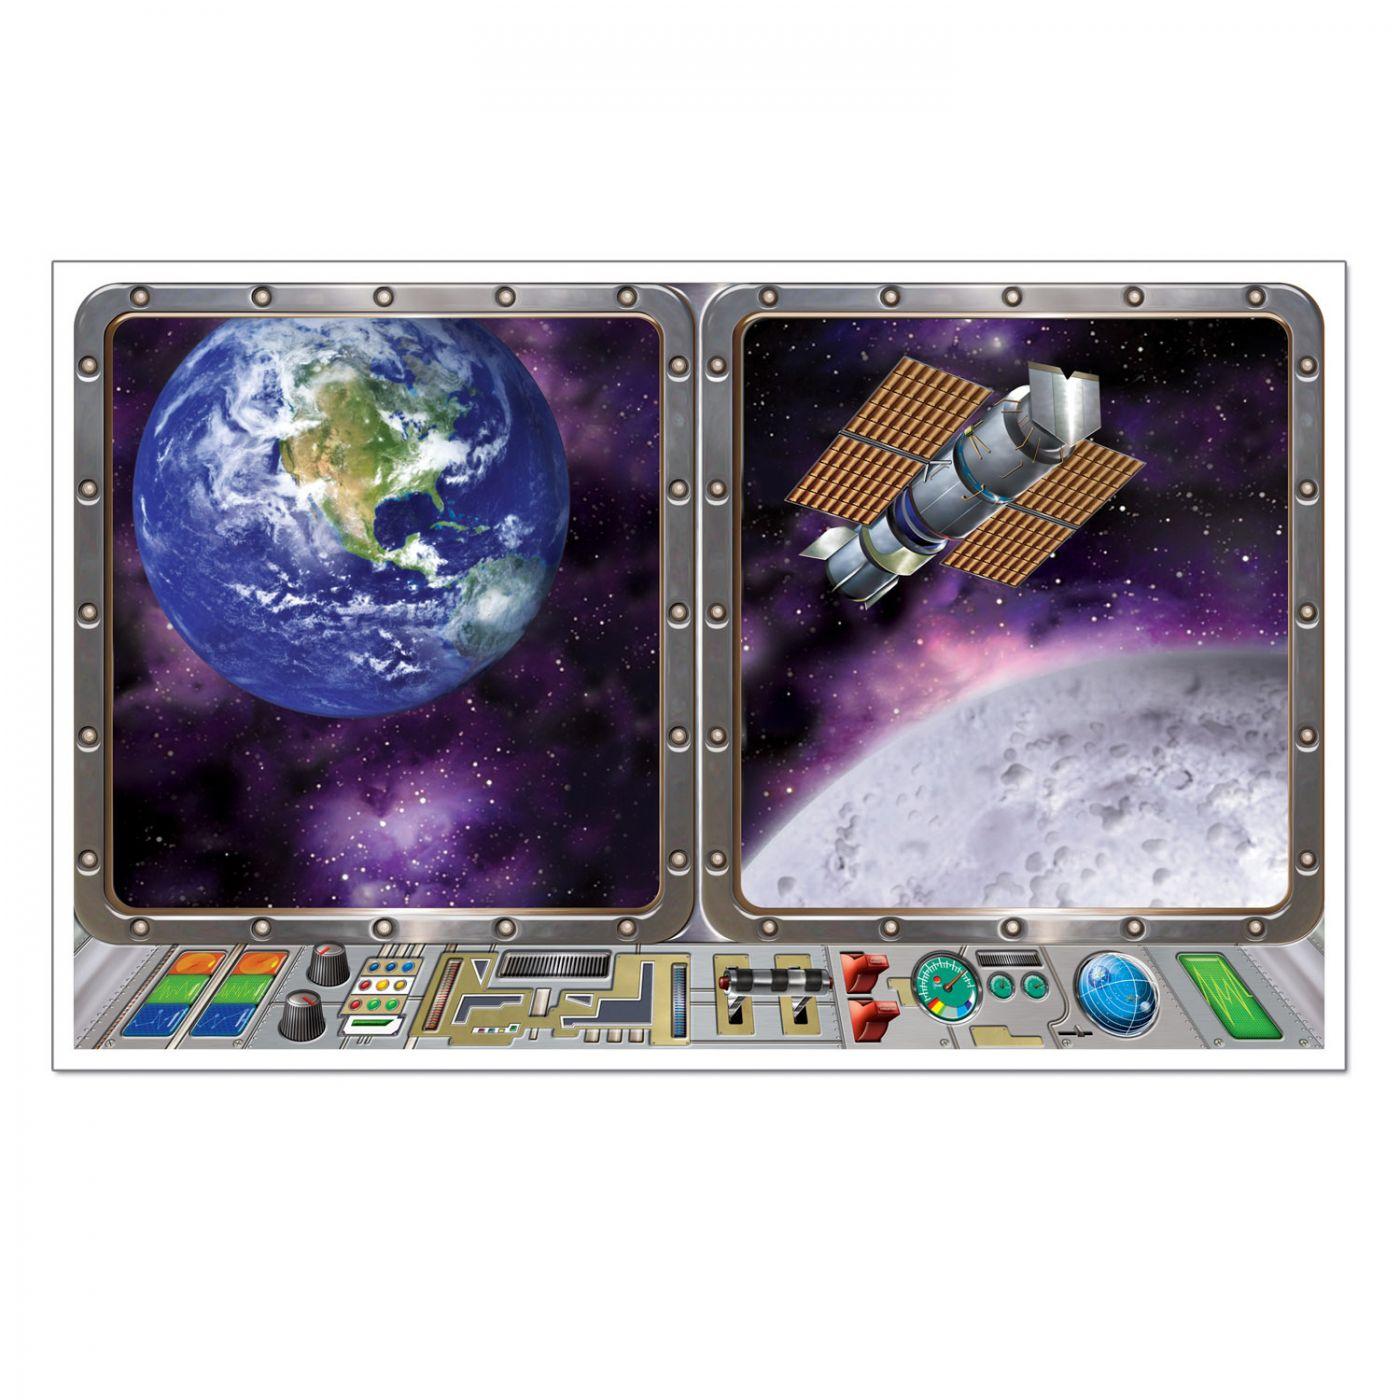 Galaxy Insta-View (6) image